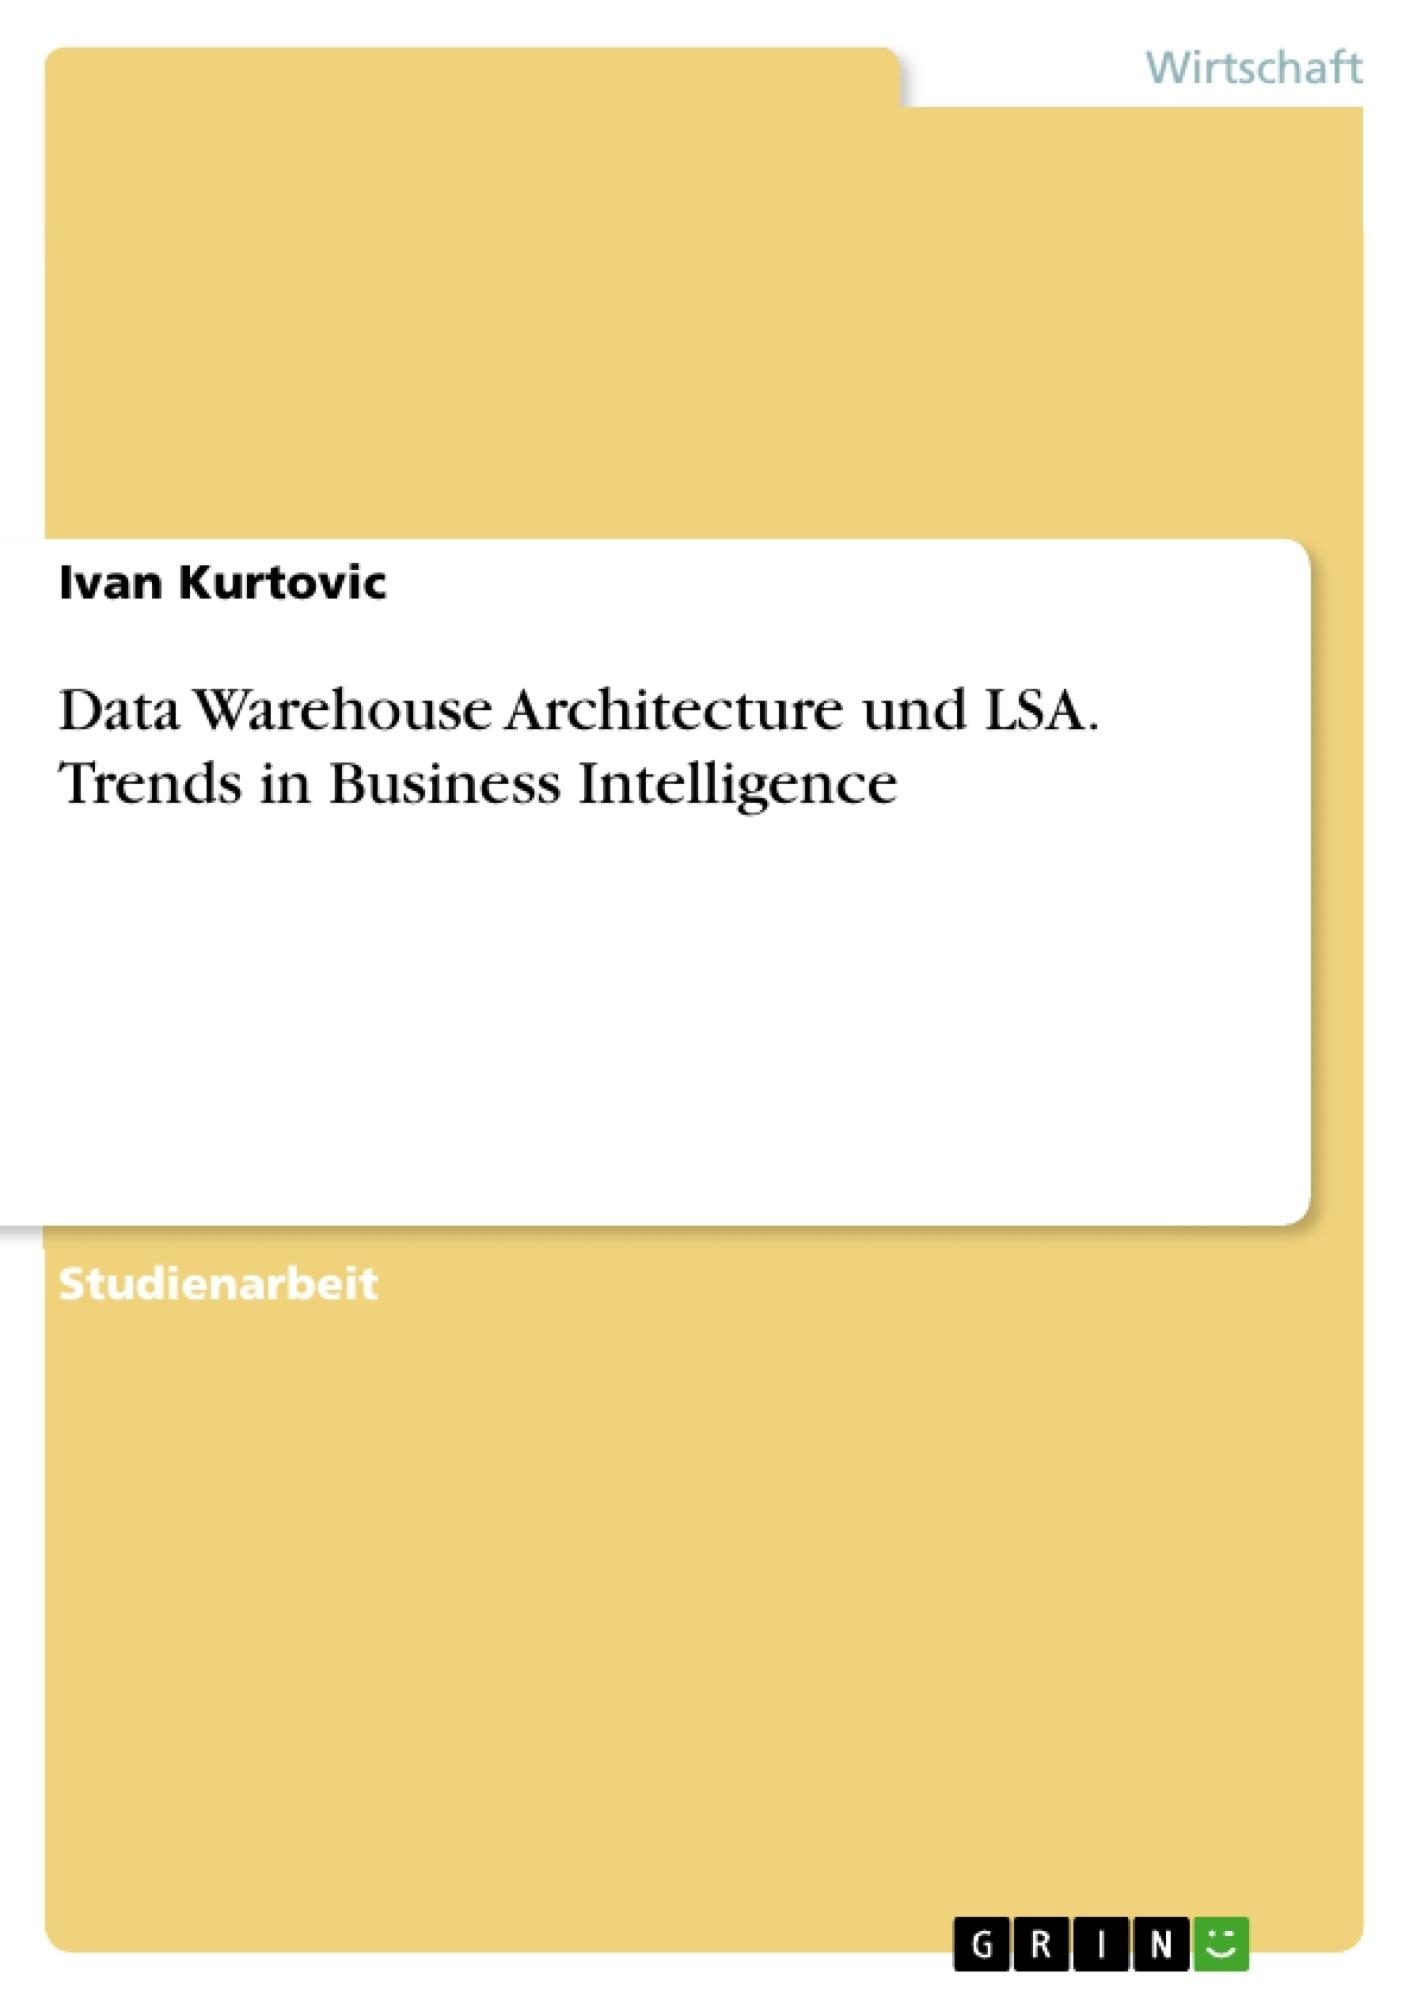 Titel: Data Warehouse Architecture und LSA. Trends in Business Intelligence